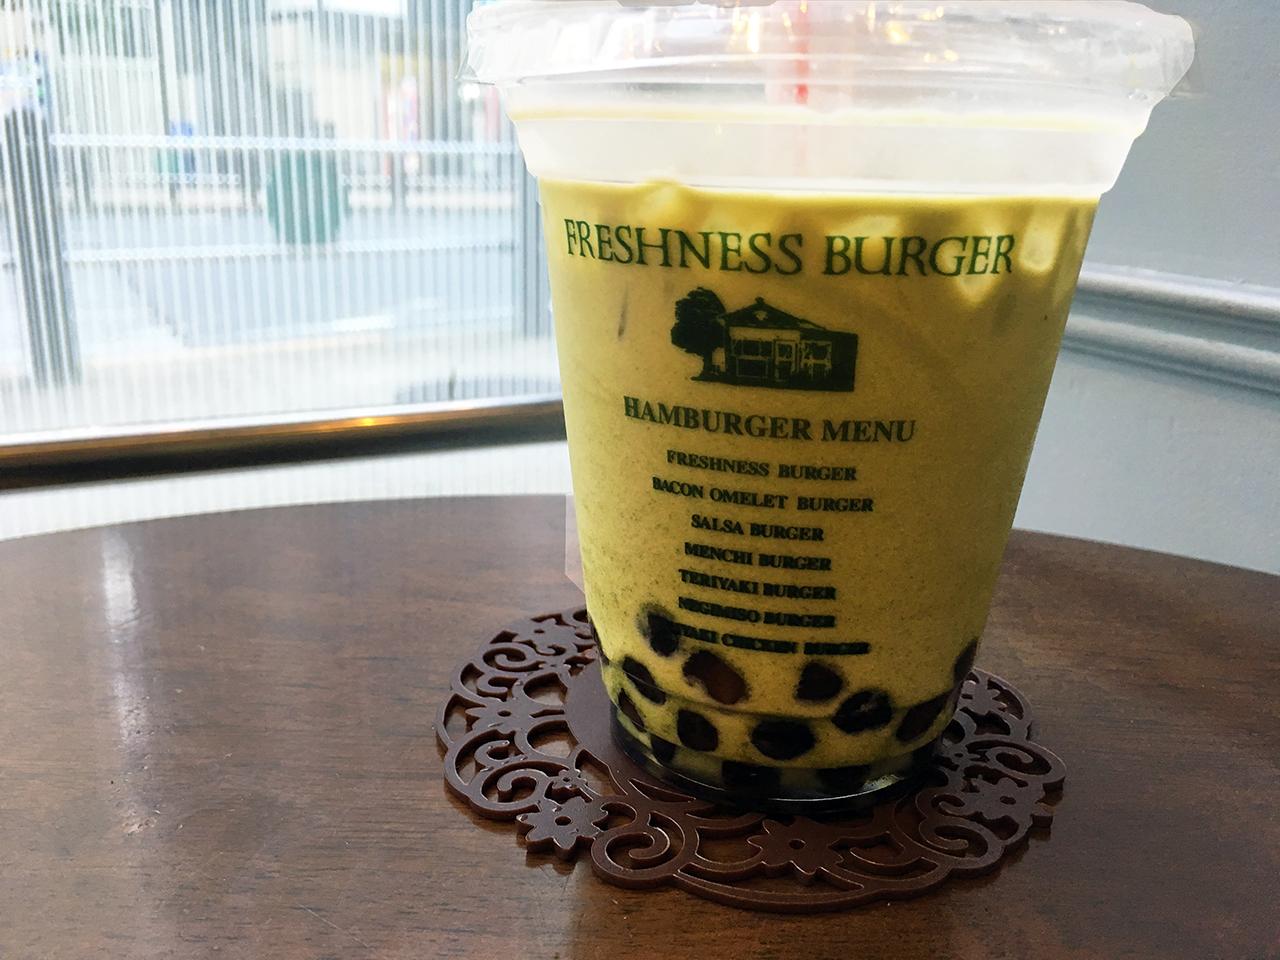 多摩市内で飲めるタピオカドリンクフレシネスバーガーのタピオカジャスミン緑茶ミルクティー